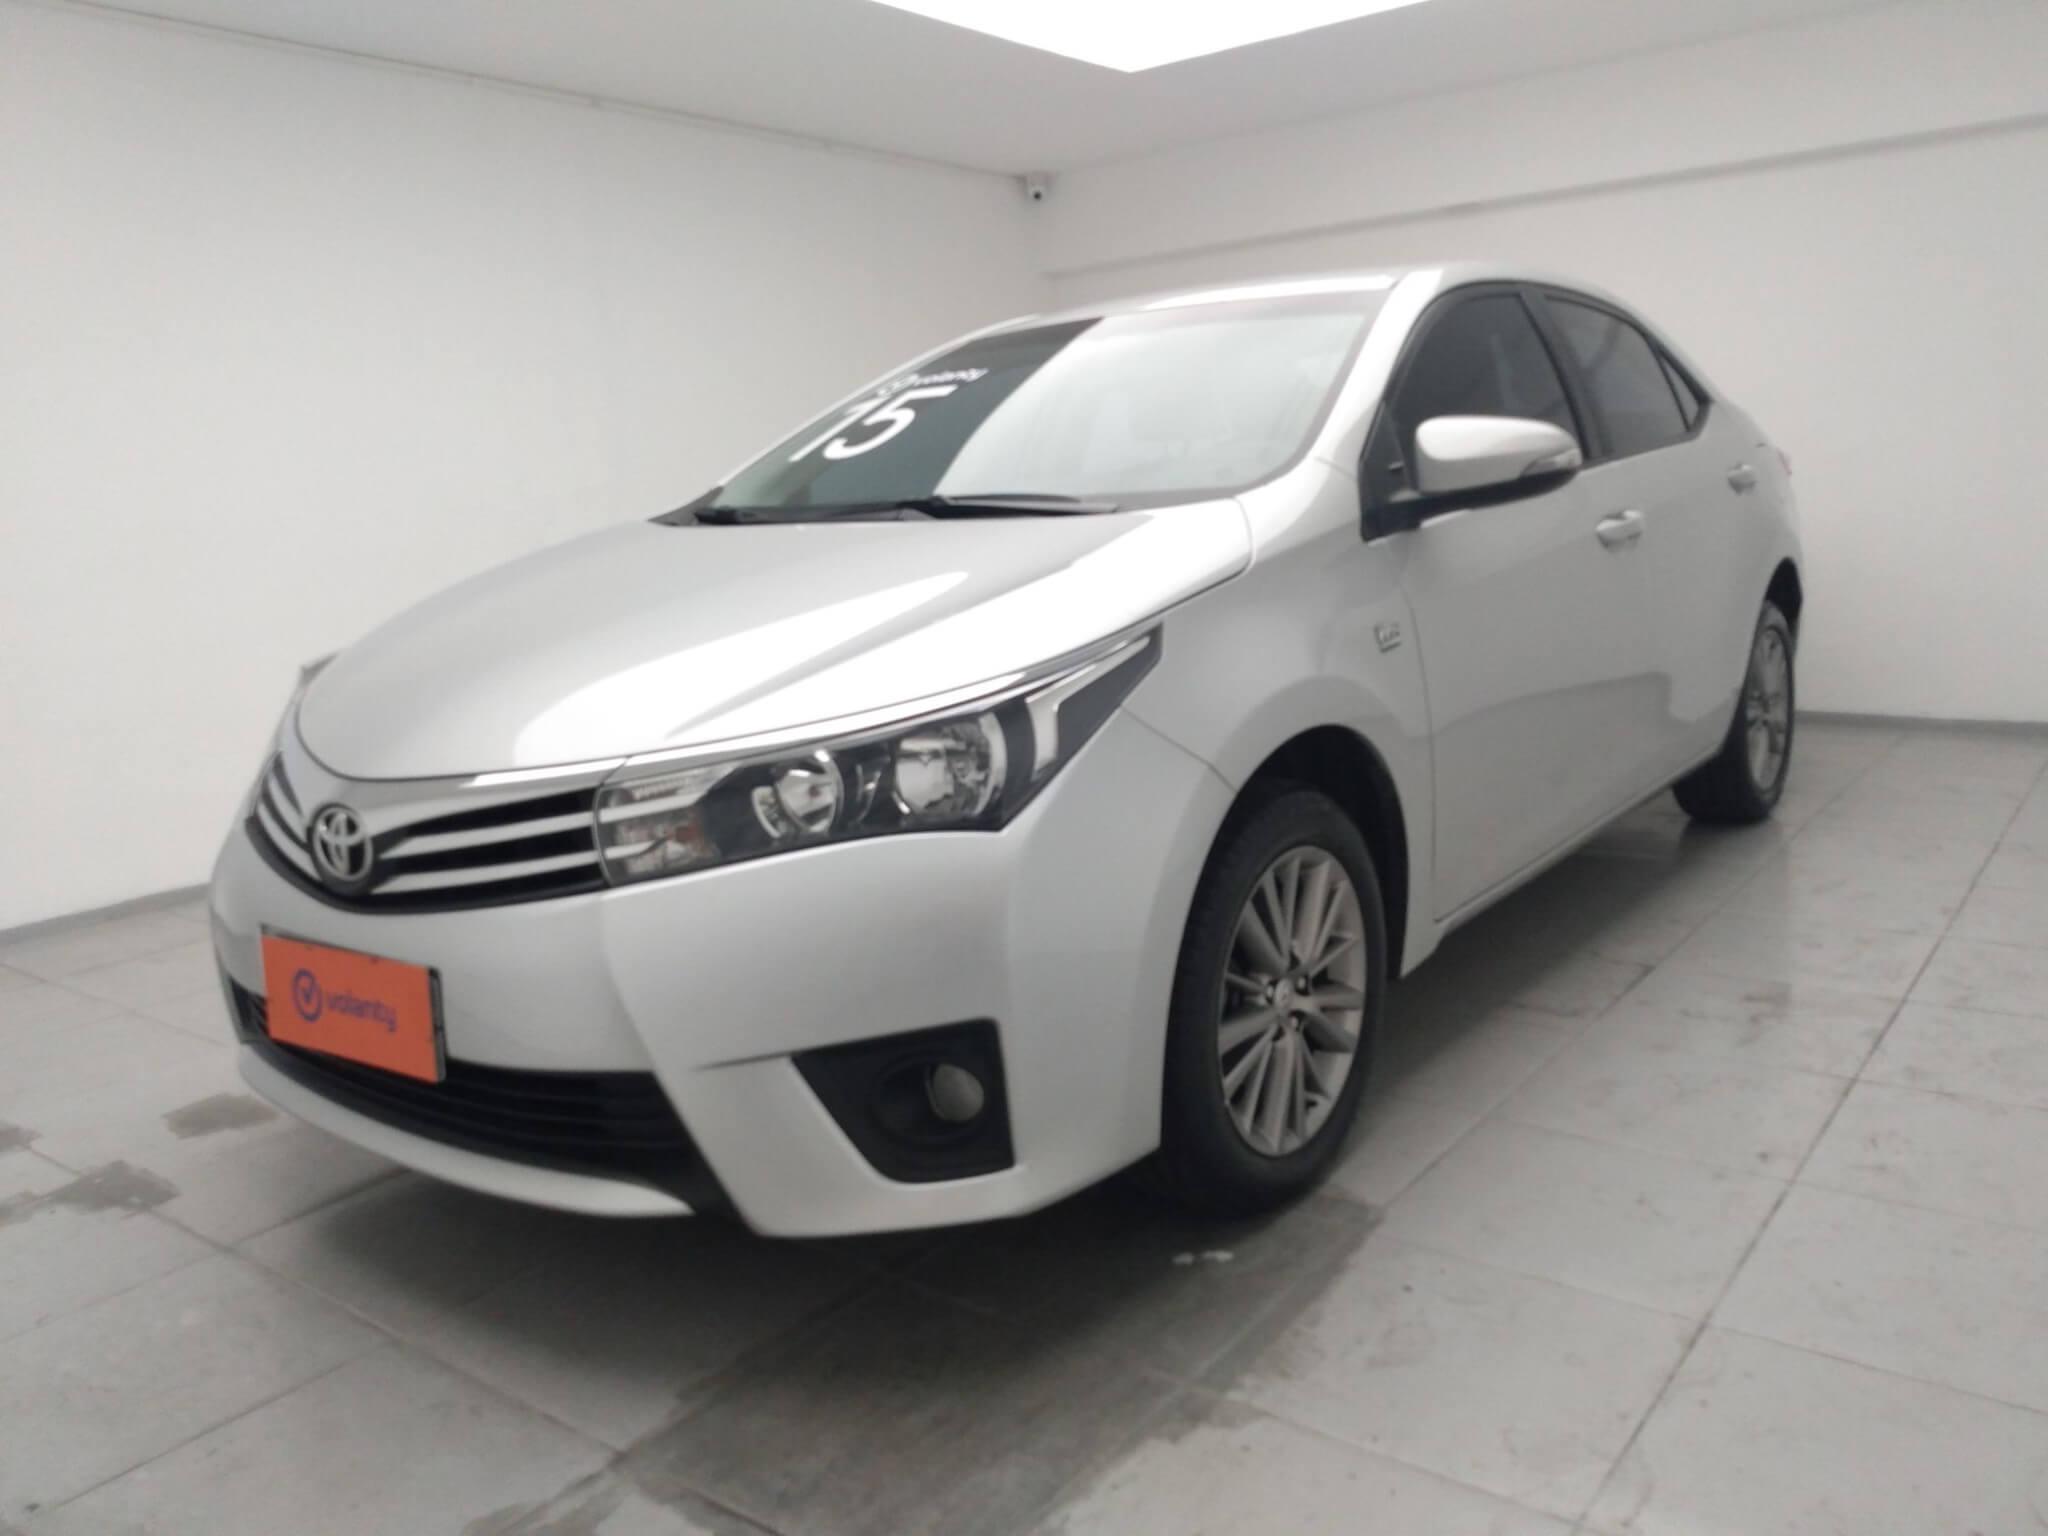 Imagem do Toyota Corolla